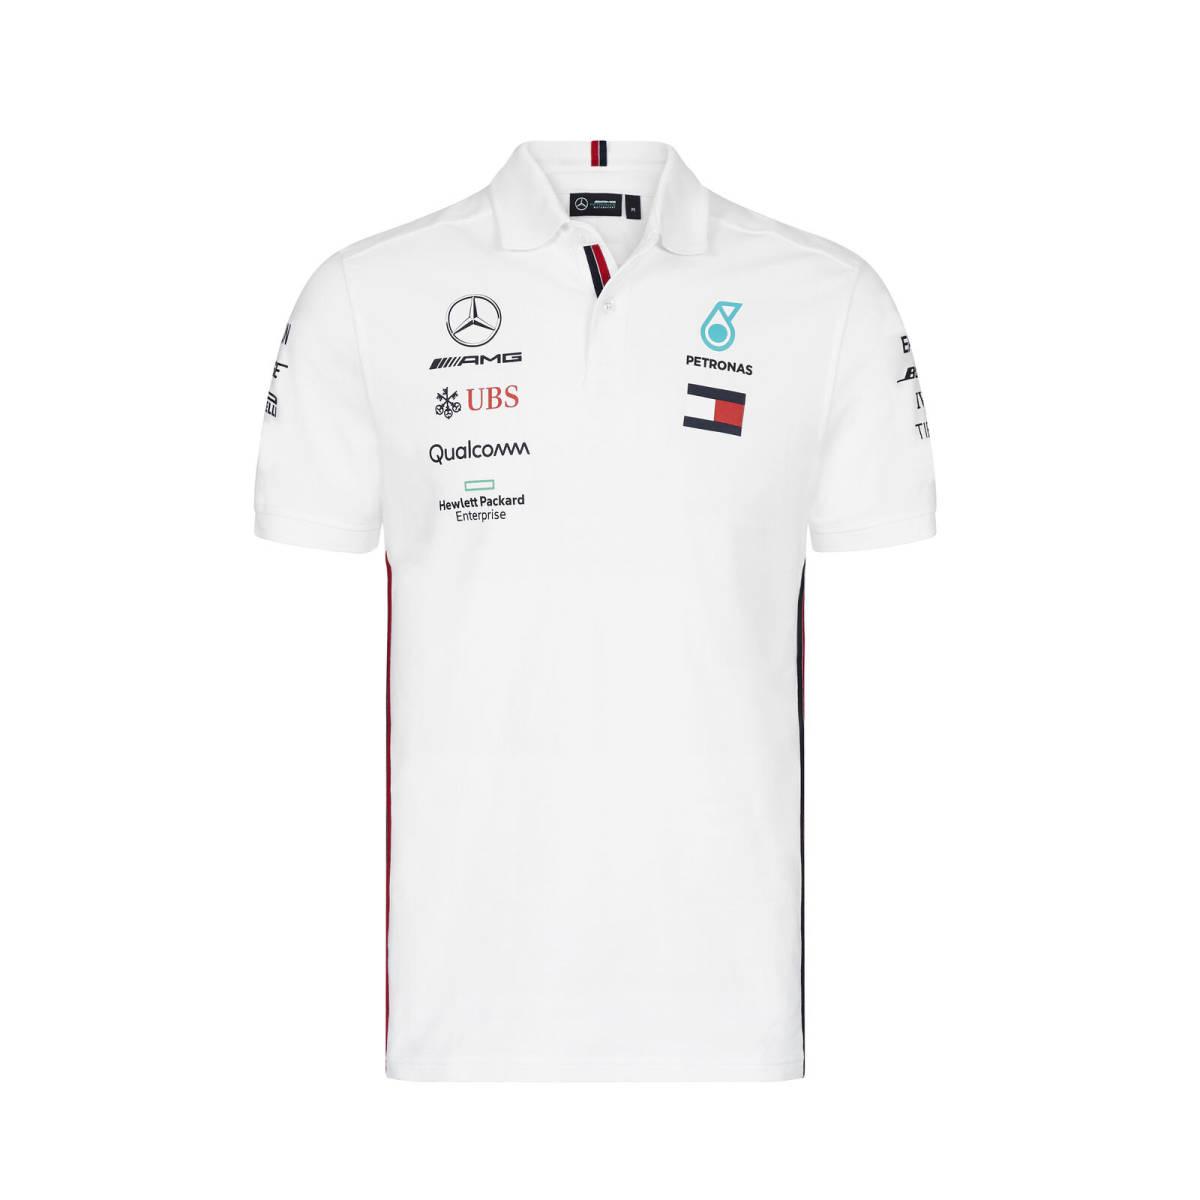 送料無料 Mercedes-AMG Official Team Polo Shirt Lewis ベンツ ハミルトン オフィシャル 限定価格セール 在庫あり ポロシャツ ホワイト ルイス Hamilton